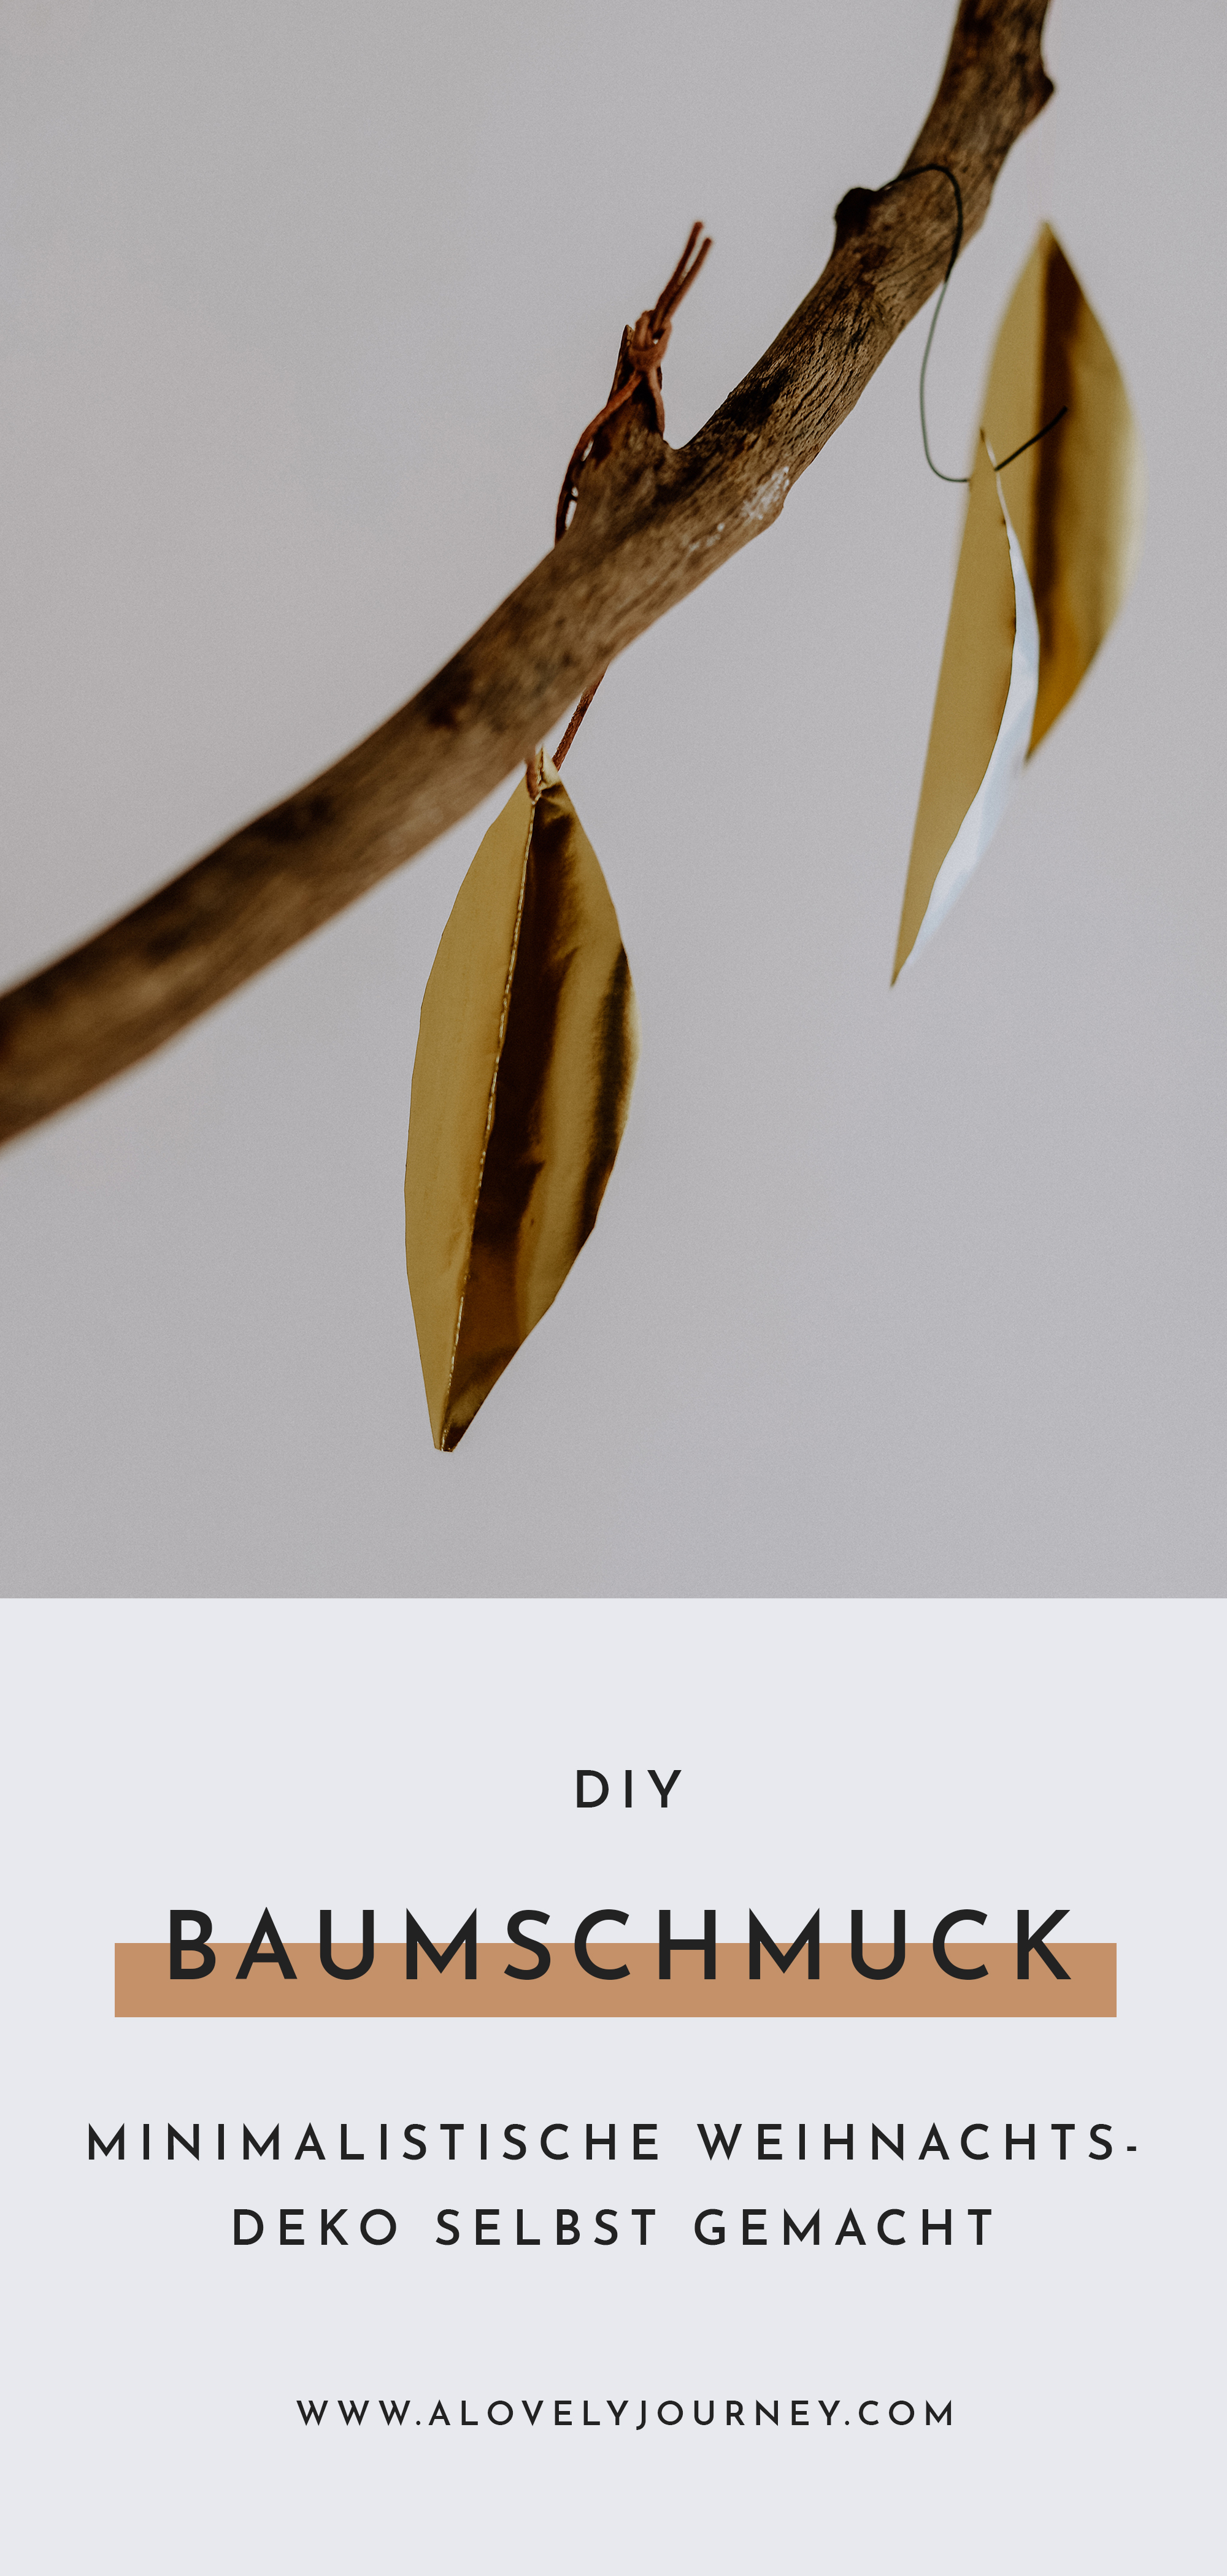 Weihnachtsdekoration: Skandinavisch minimalistischer Baumschmuck einfach selbst gemacht